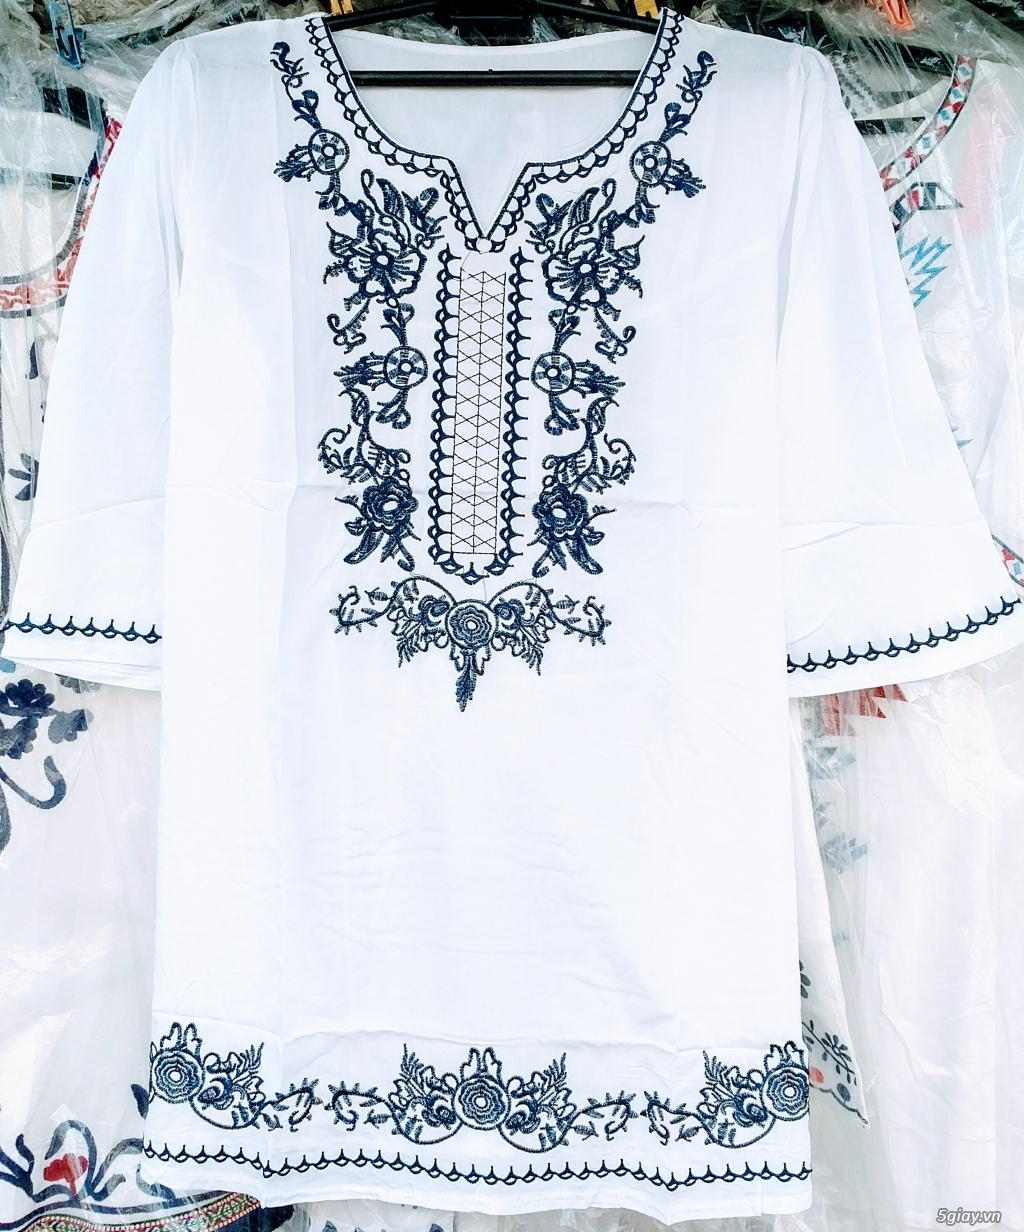 Thời trang nữ trung niên CHÂU( đợt 30): Tuyển tập mẫu áo font vừa, dài - 3